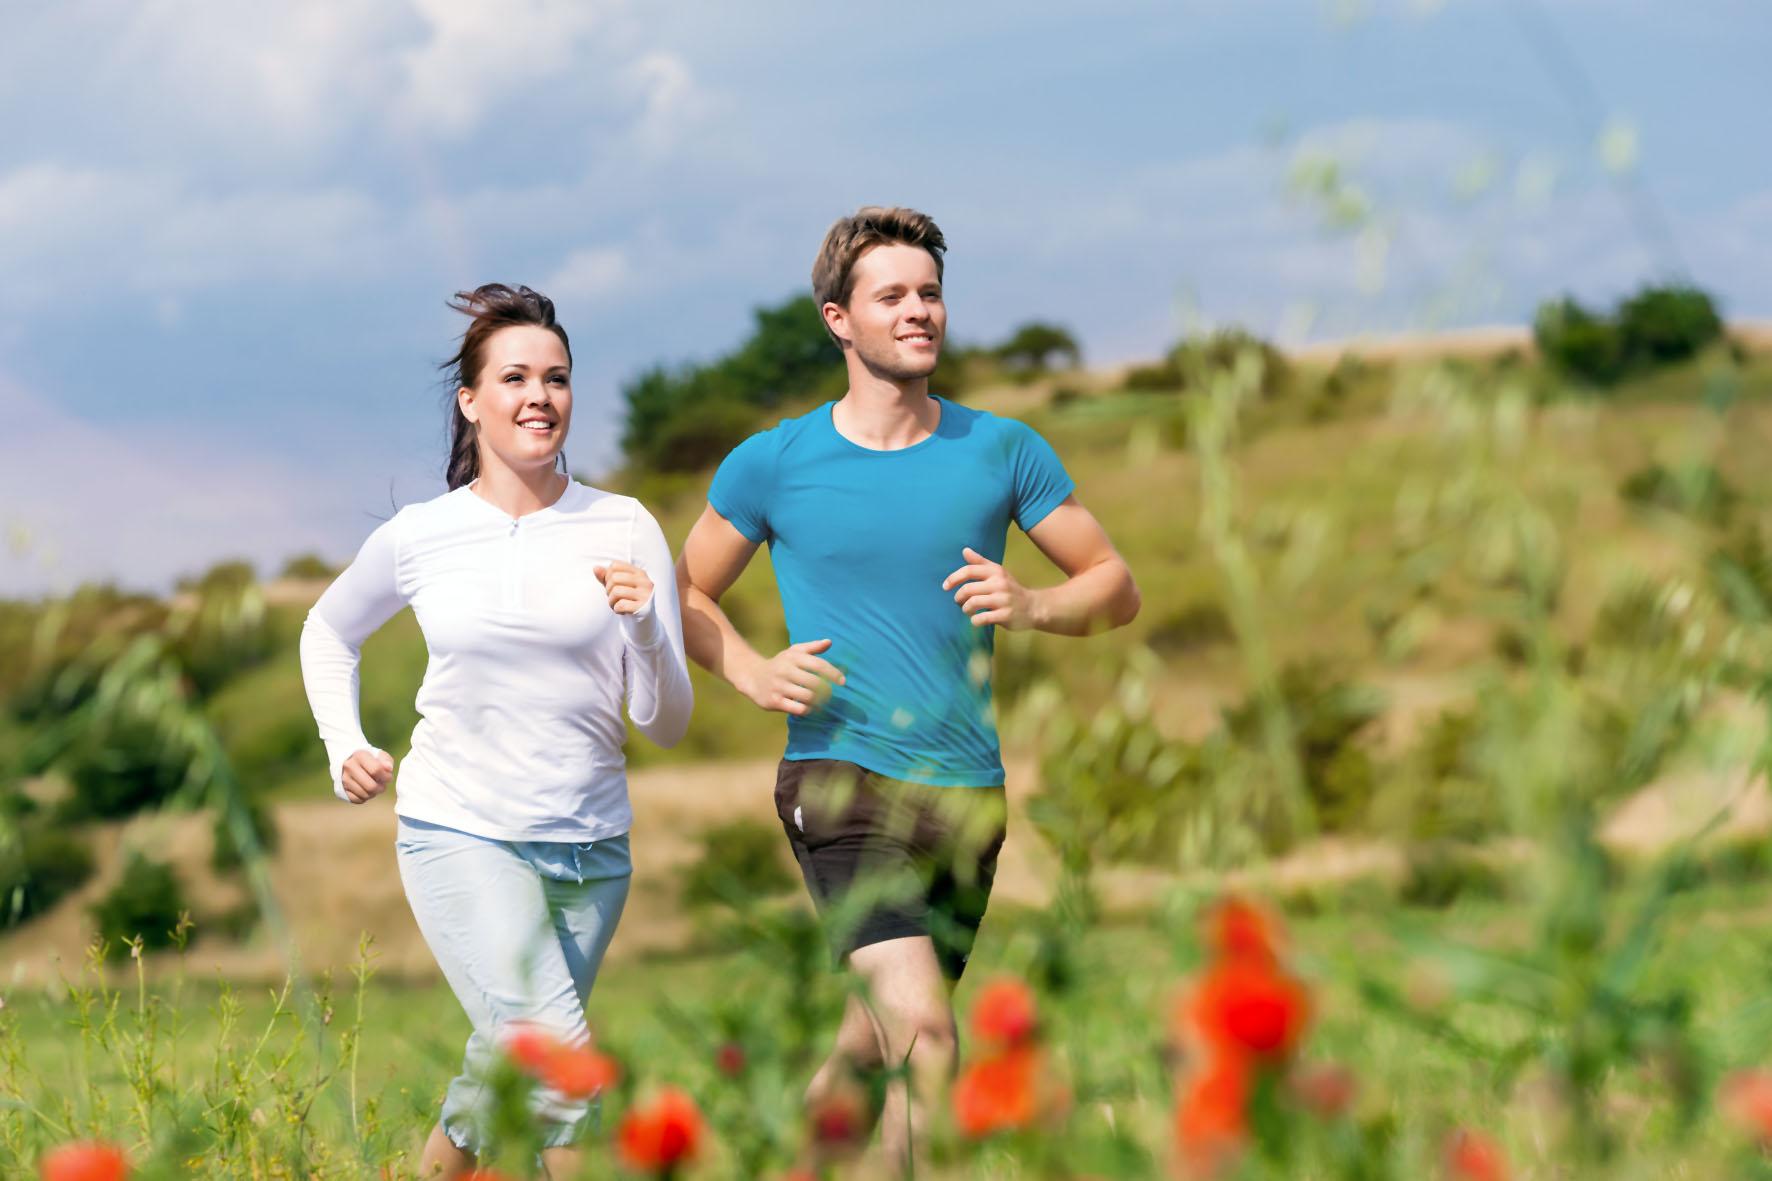 Für eine optimale Leistungsbereitschaft sollte die Basisernährung von Sportlern leicht und kohlenhydrathaltig sein.